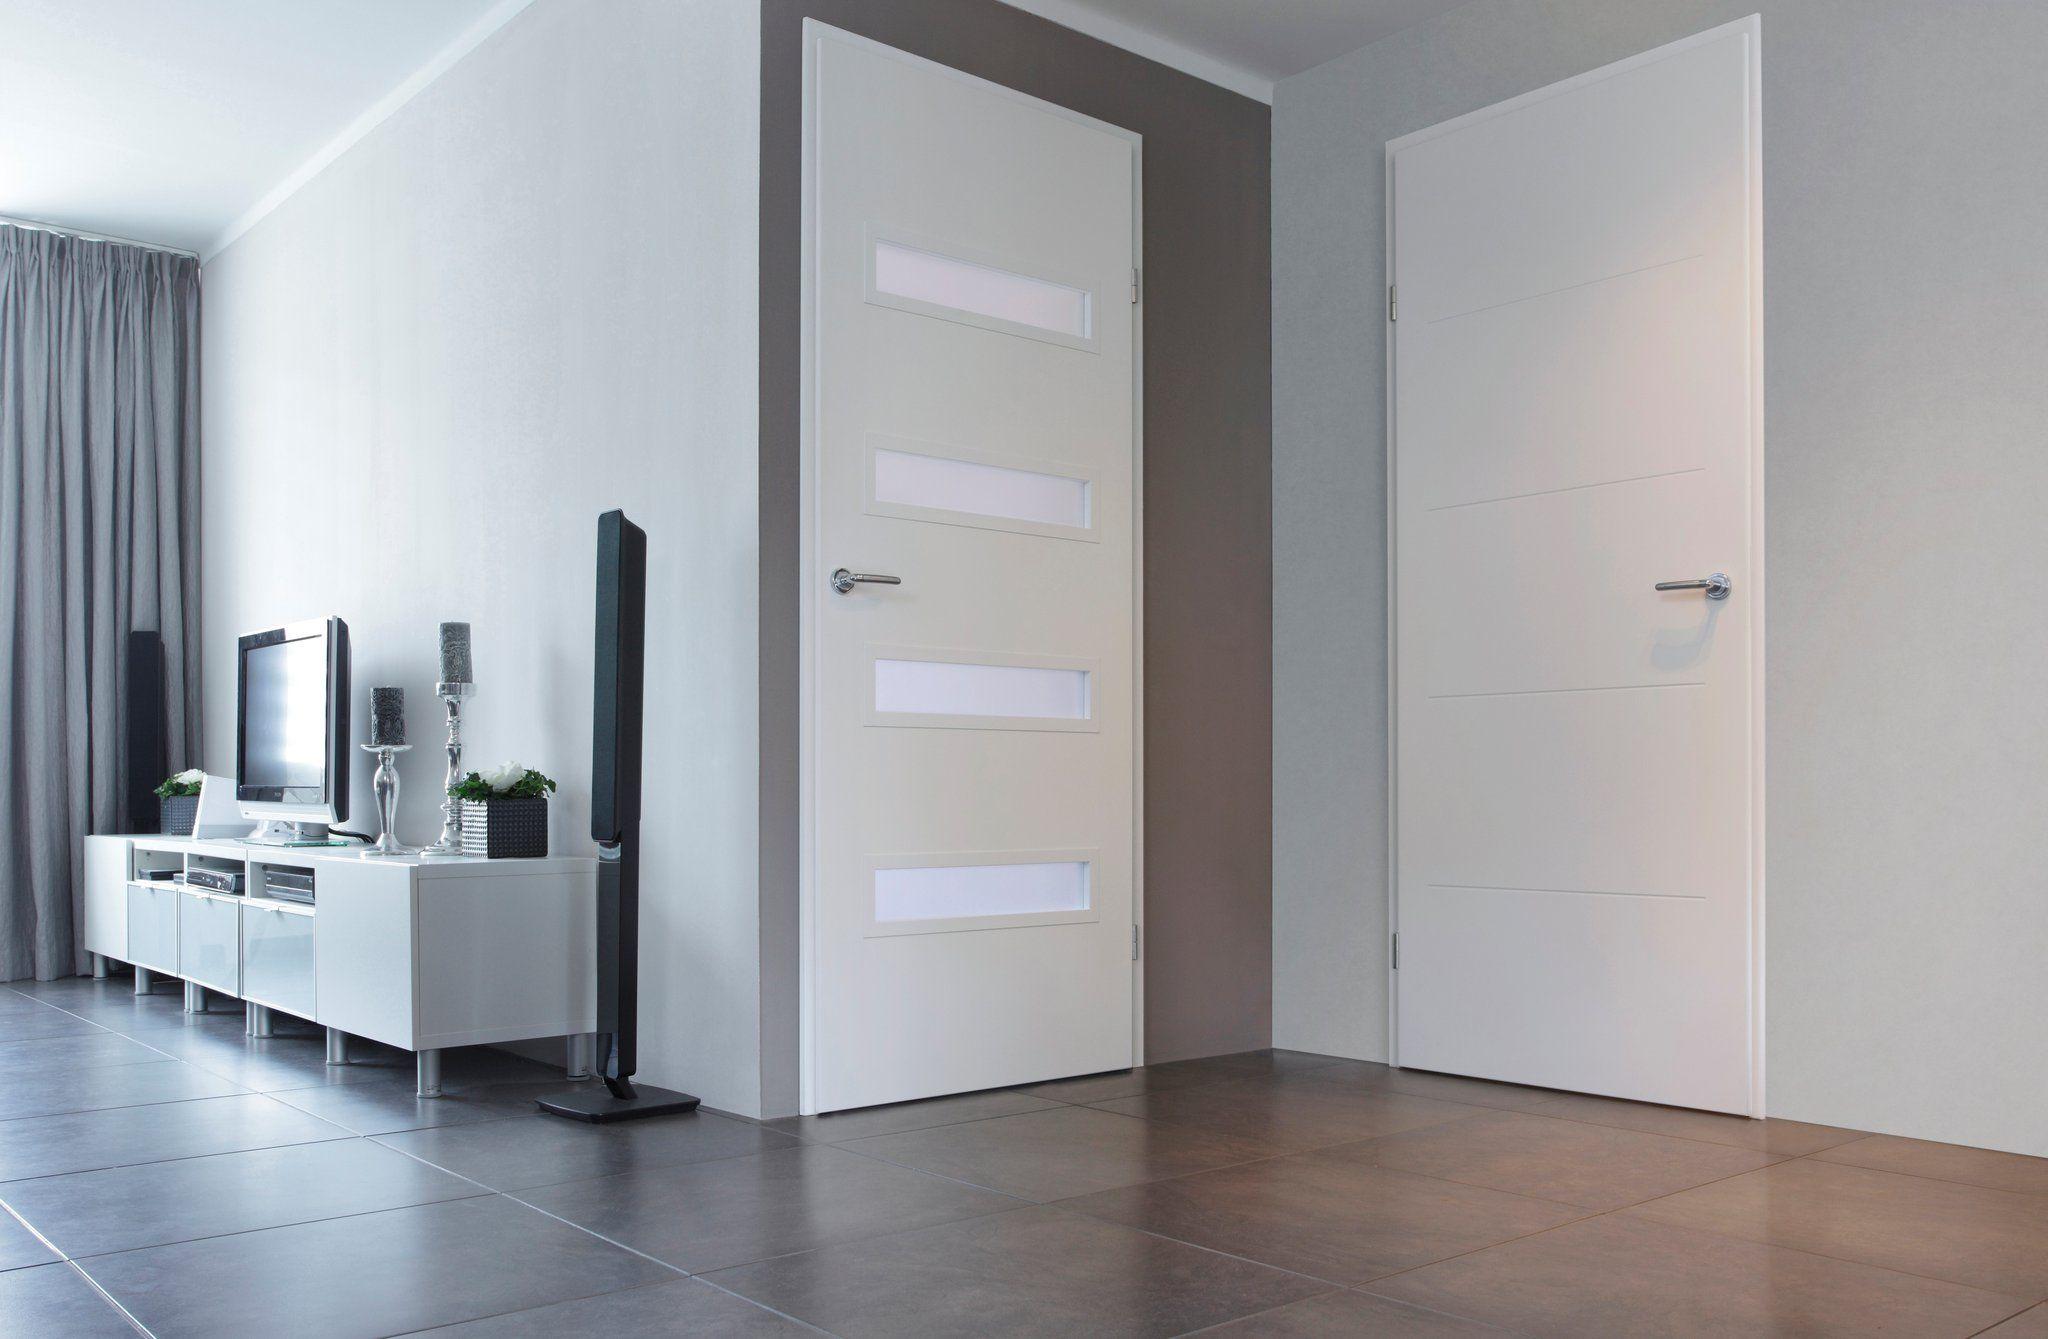 Binnendeur #woonkamerdeur #haldeur #strak #design #interieur #modern